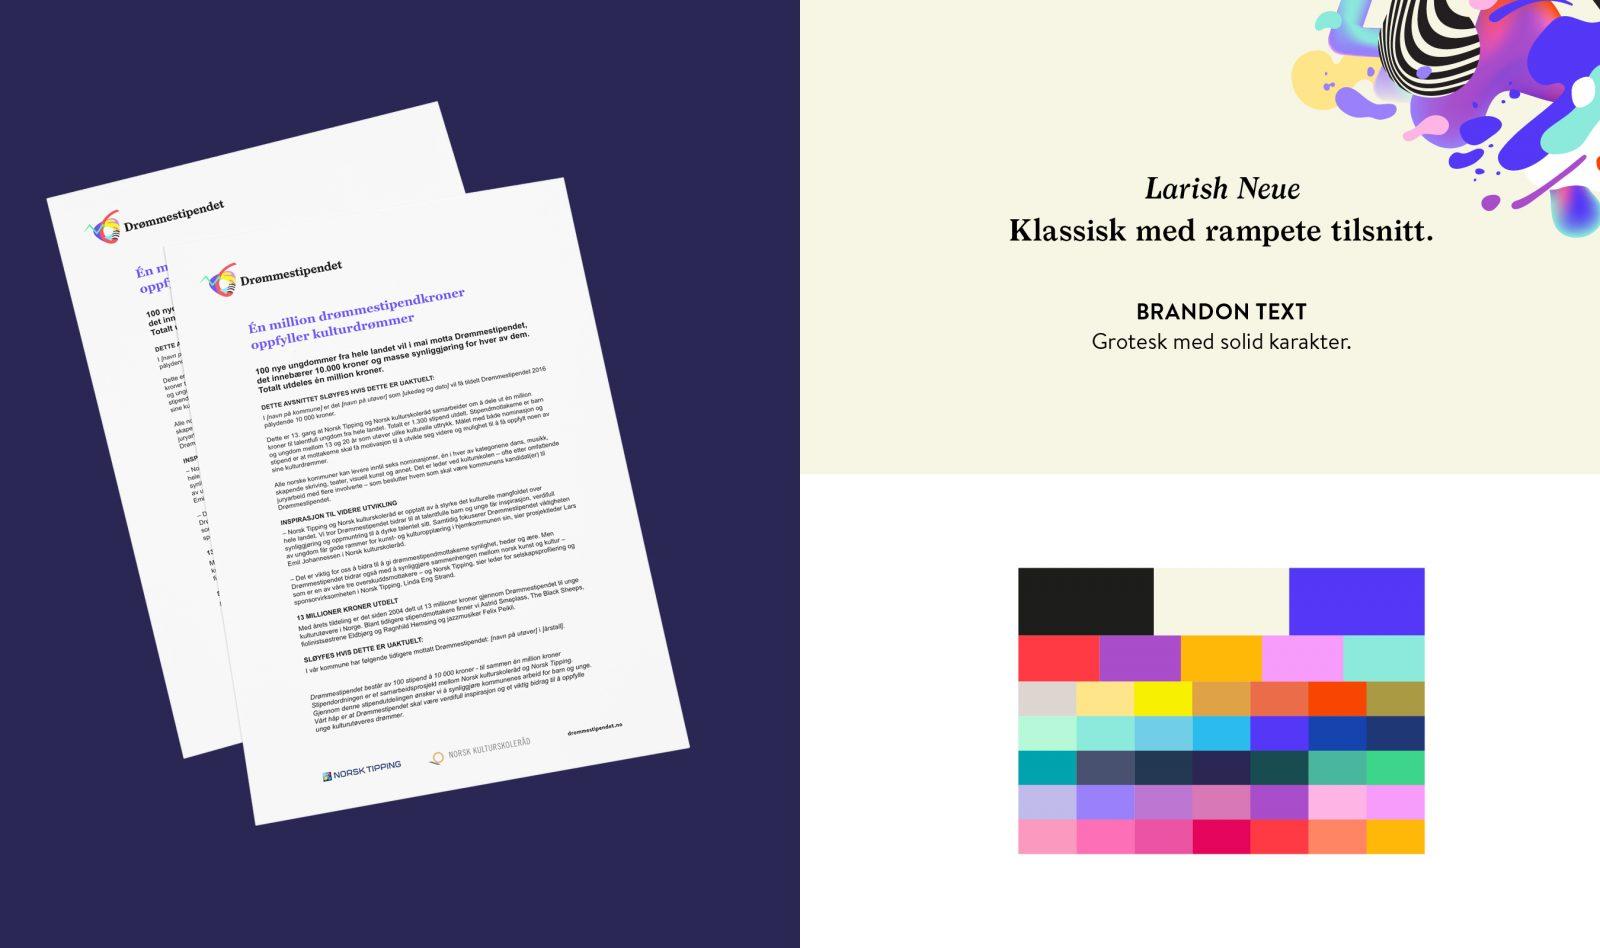 Letter template, typography, colour palette for Drømmestipendet